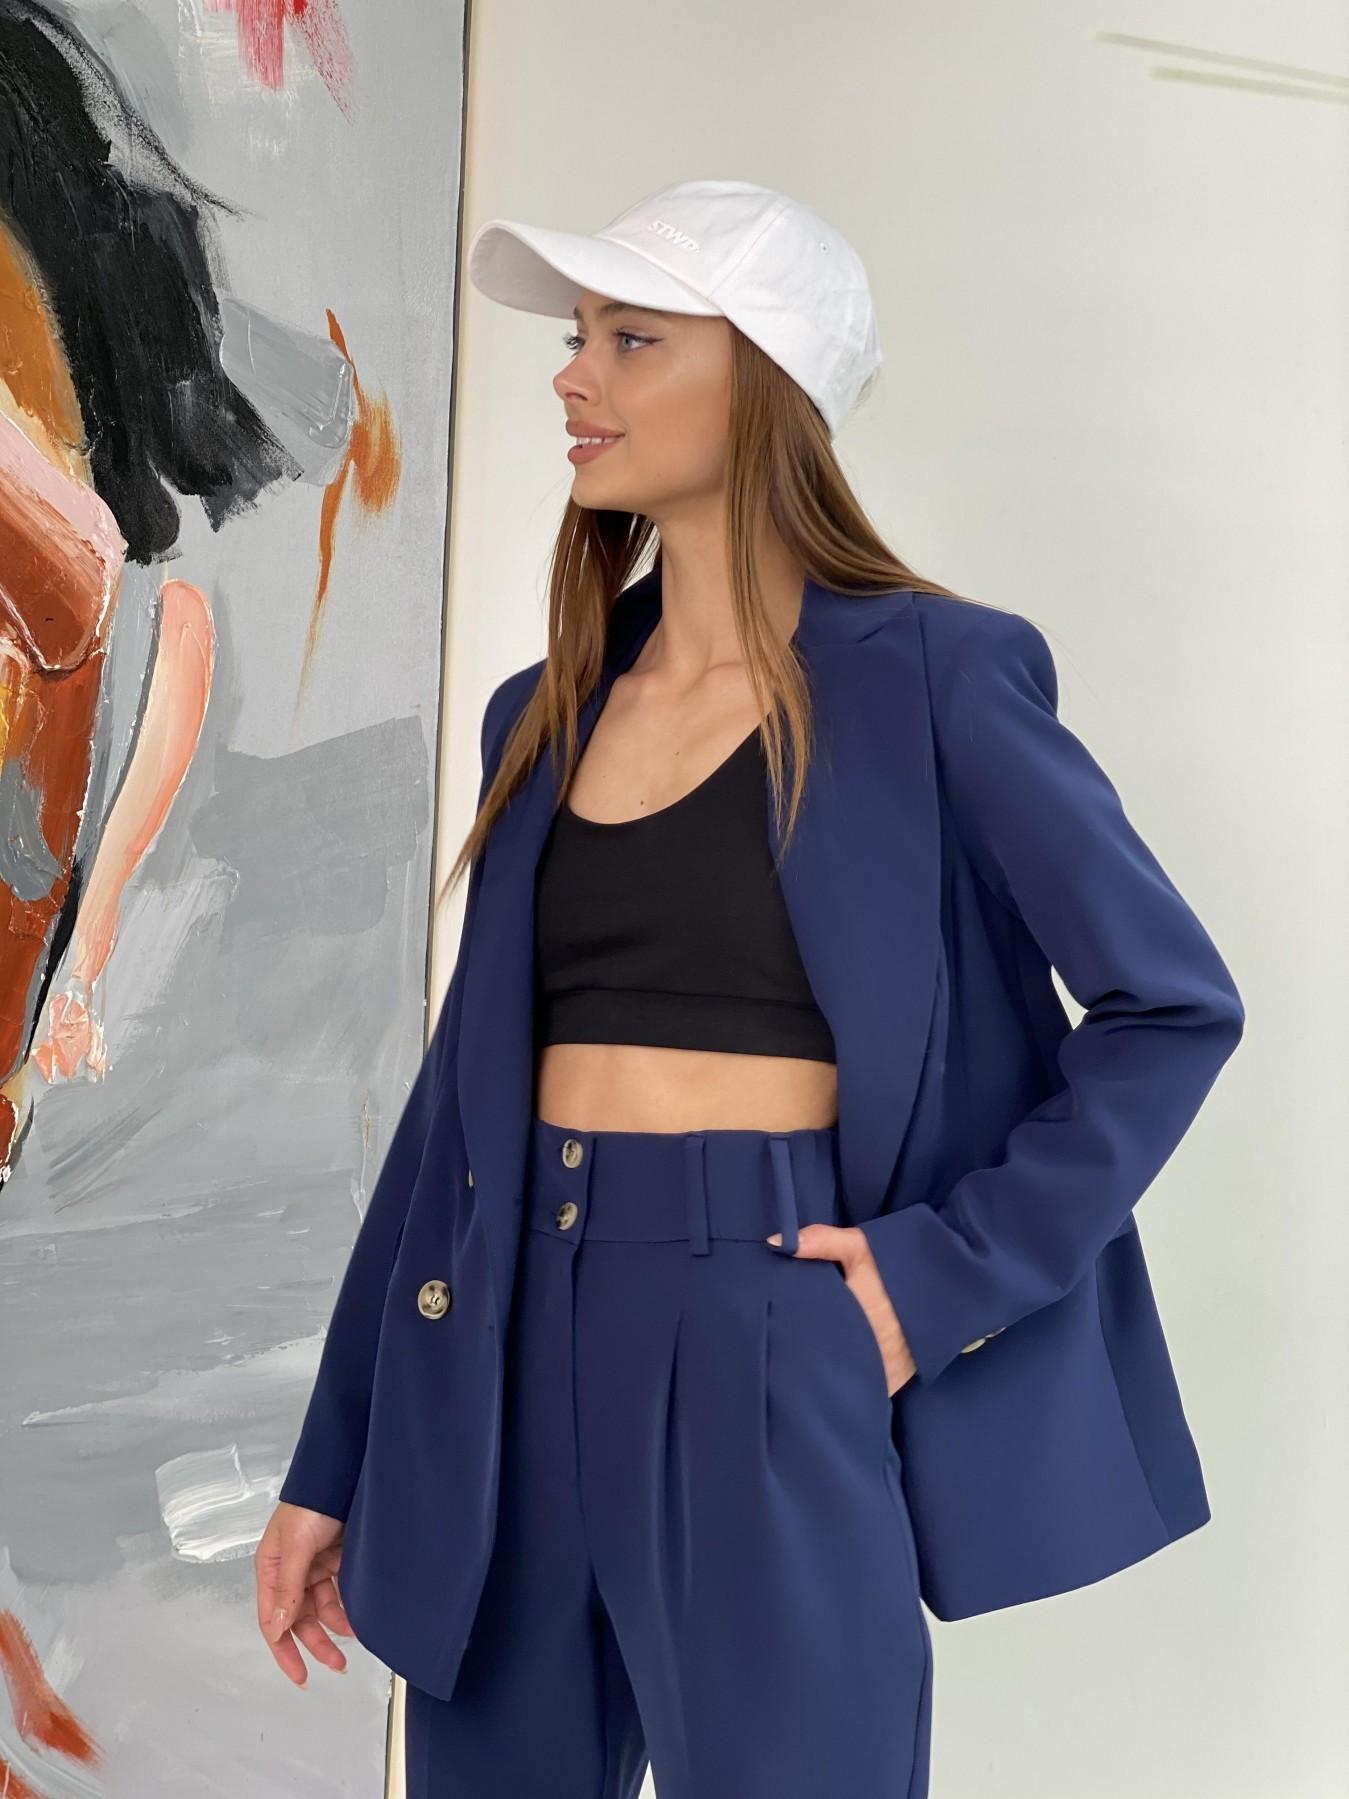 Франко костюм из костюмной ткани 11090 АРТ. 47972 Цвет: Т.синий - фото 9, интернет магазин tm-modus.ru